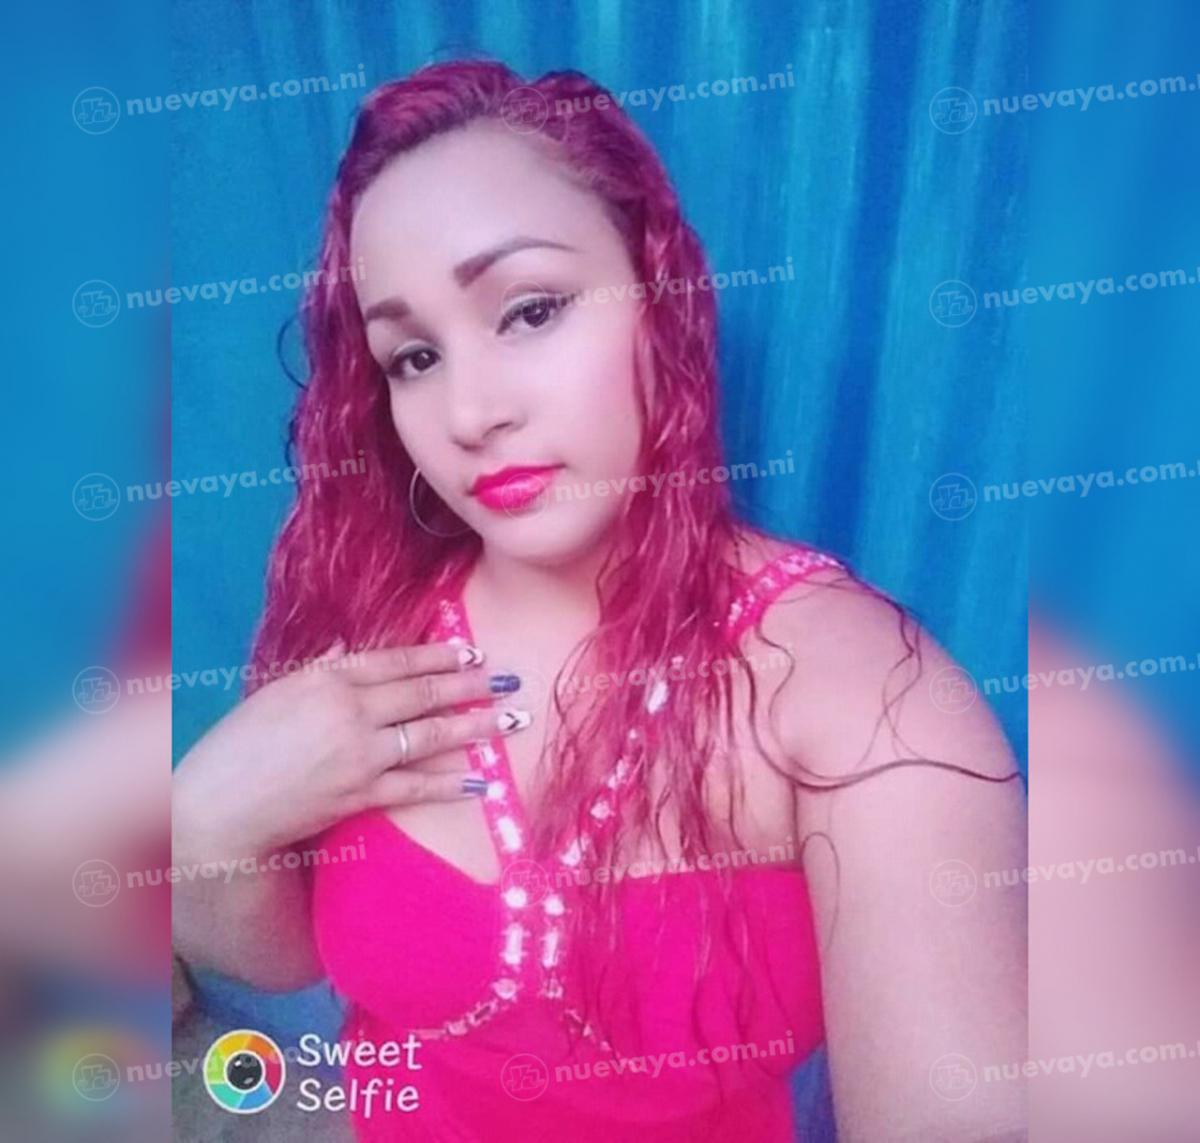 La víctima Hilda Lucía Hurtado tenia 23 años de edad